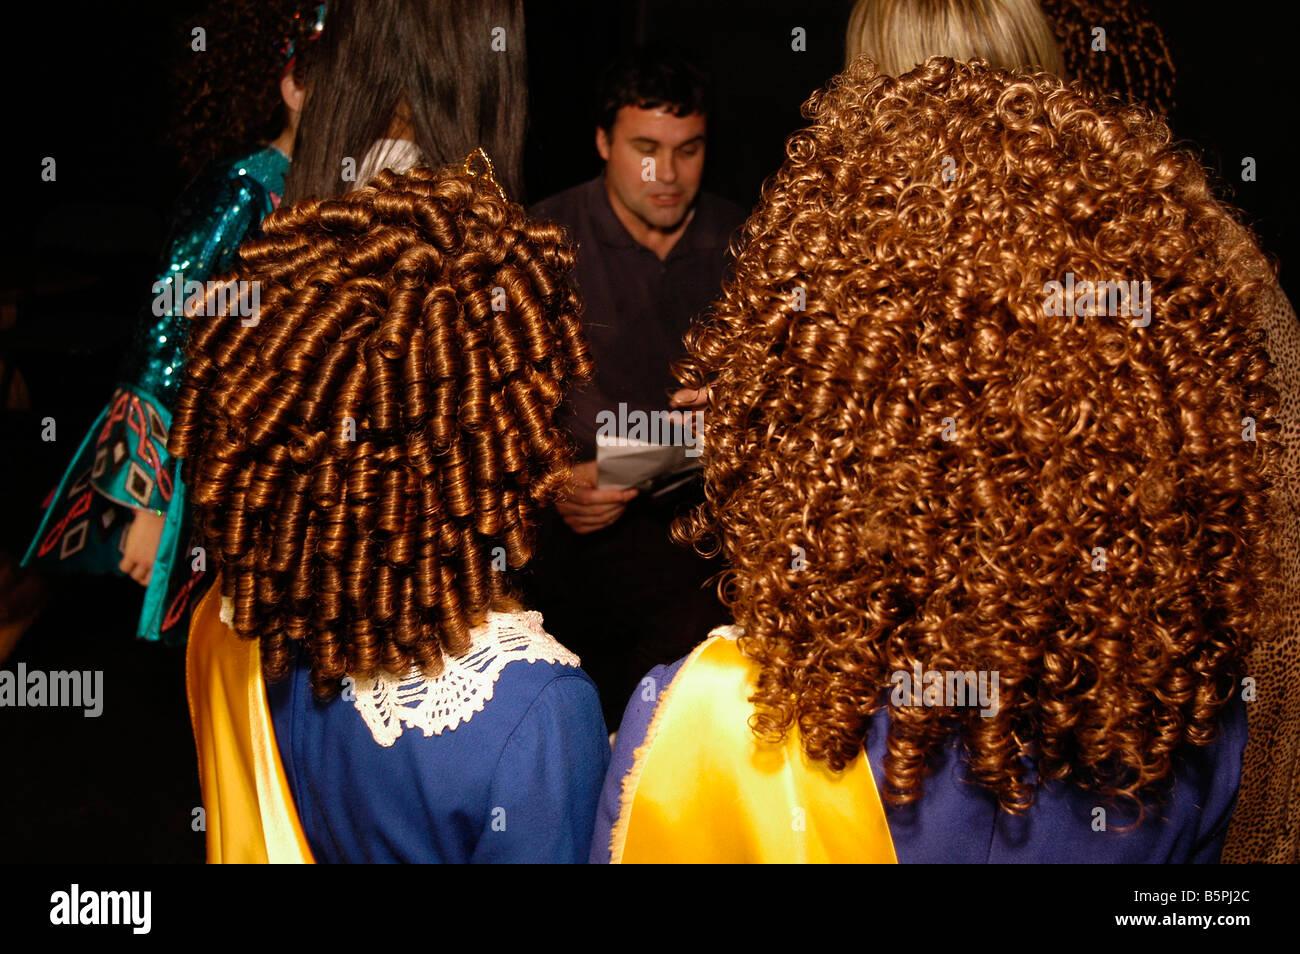 Junge Madchen Mit Ausgefallenen Frisuren Warten Auf Ihre Chance Auf